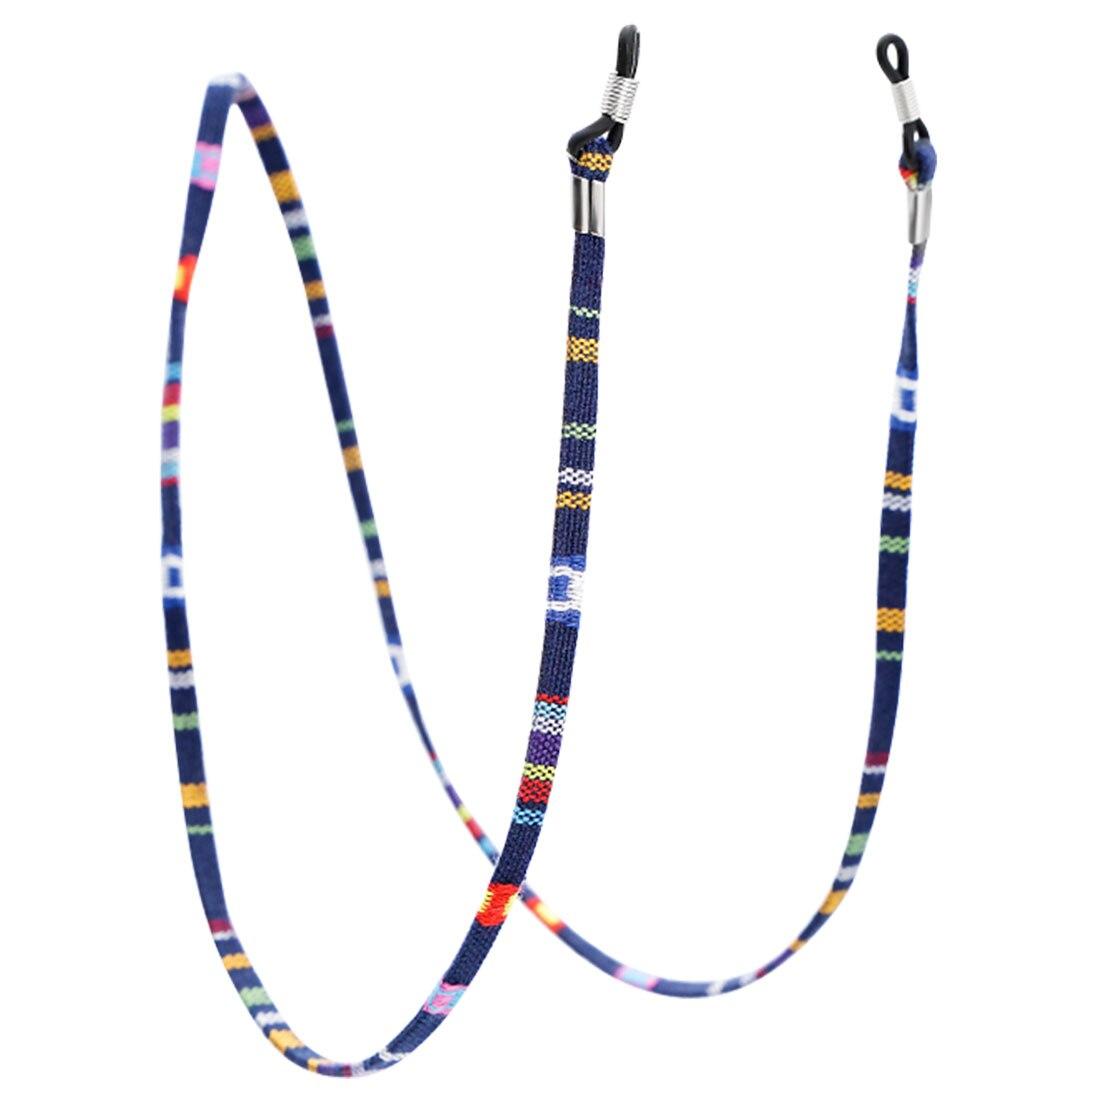 1 шт., 6 цветов, кожаный шнурок для очков, регулируемый конец, держатель для очков, красочные кожаные очки, шейный ремешок, веревка, ремешок - Цвет: 6